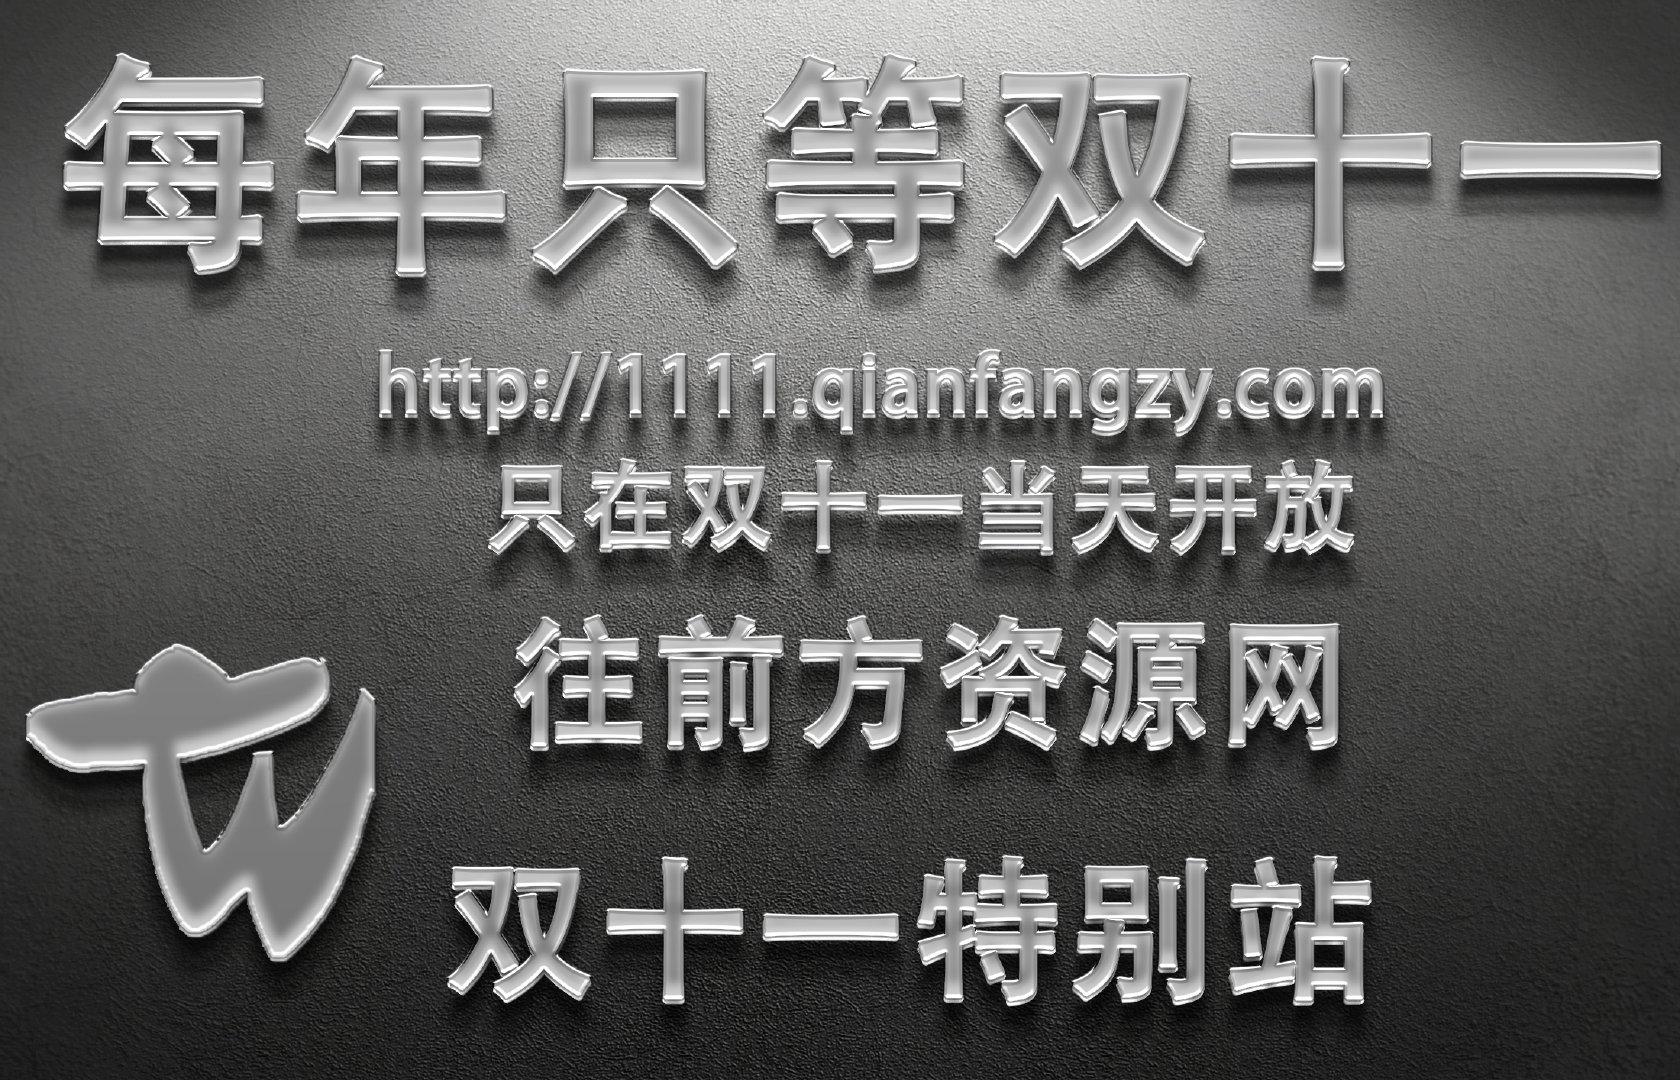 双十一特别站: 1111.qianfangzy.com 每年只在双十一当天开放,跟着藏藏买买买从此快递收不停!-前方高能